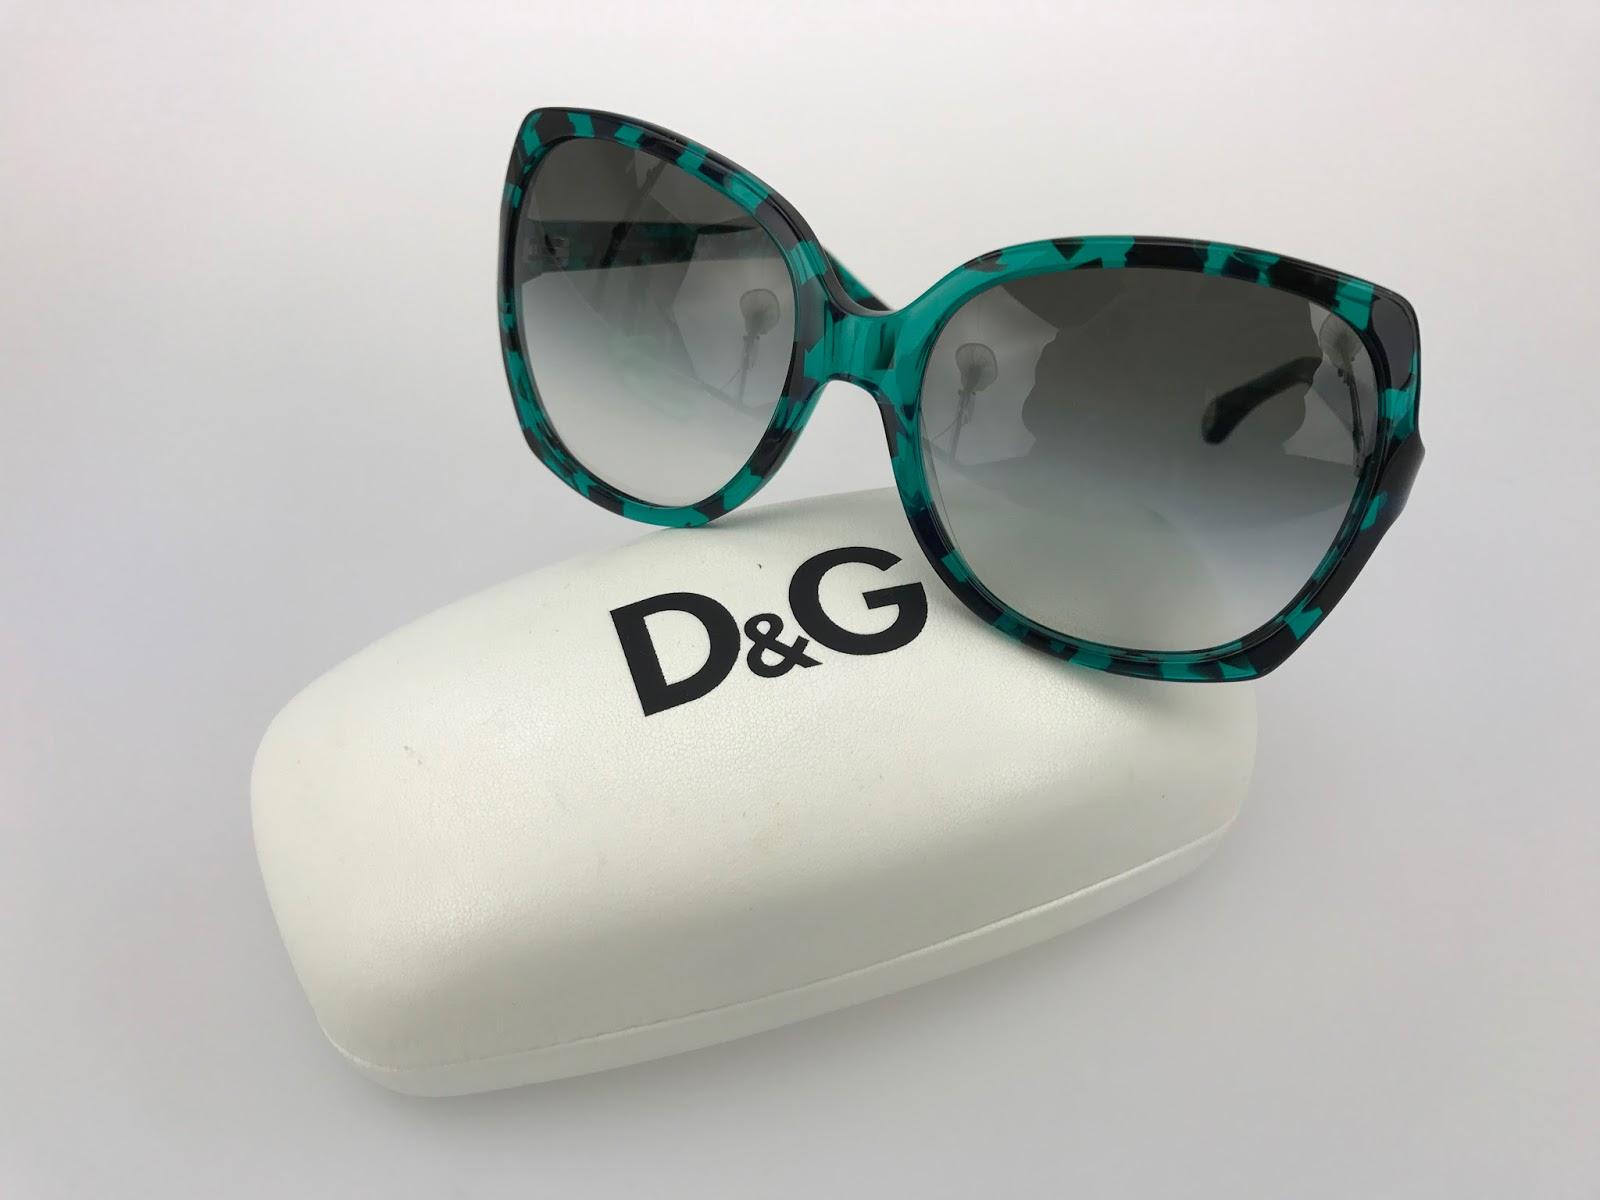 retro okulary przeciwsłoneczne Dolce&Gabbana, najmodniejsze okulary retro vintage na lato 2017